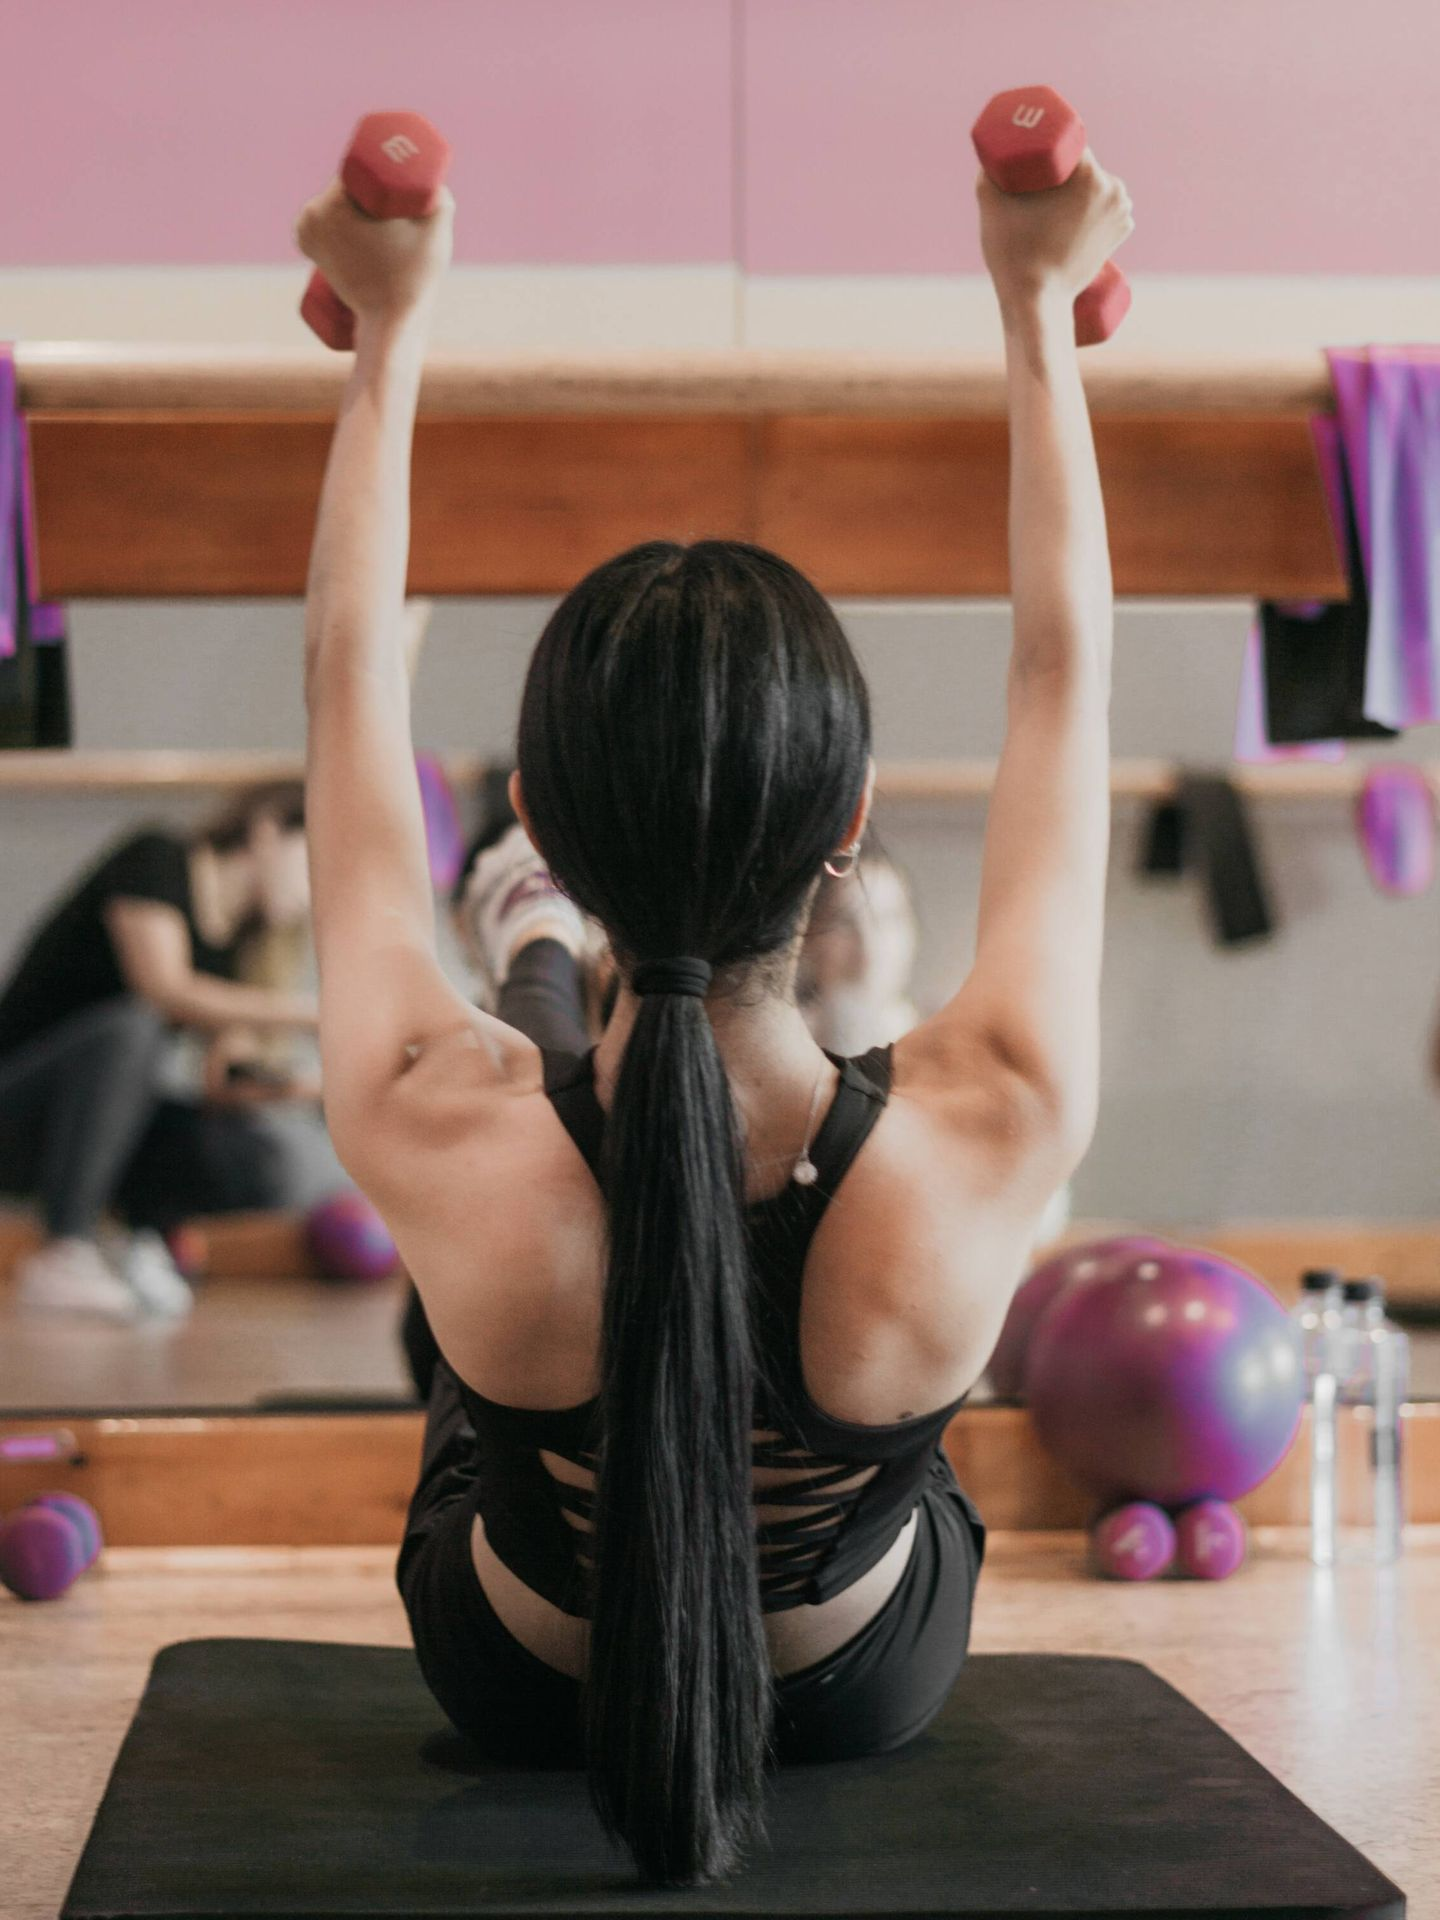 Consejos para superar el primer día de gimnasio. (Yulissa Tagle para Unsplash)